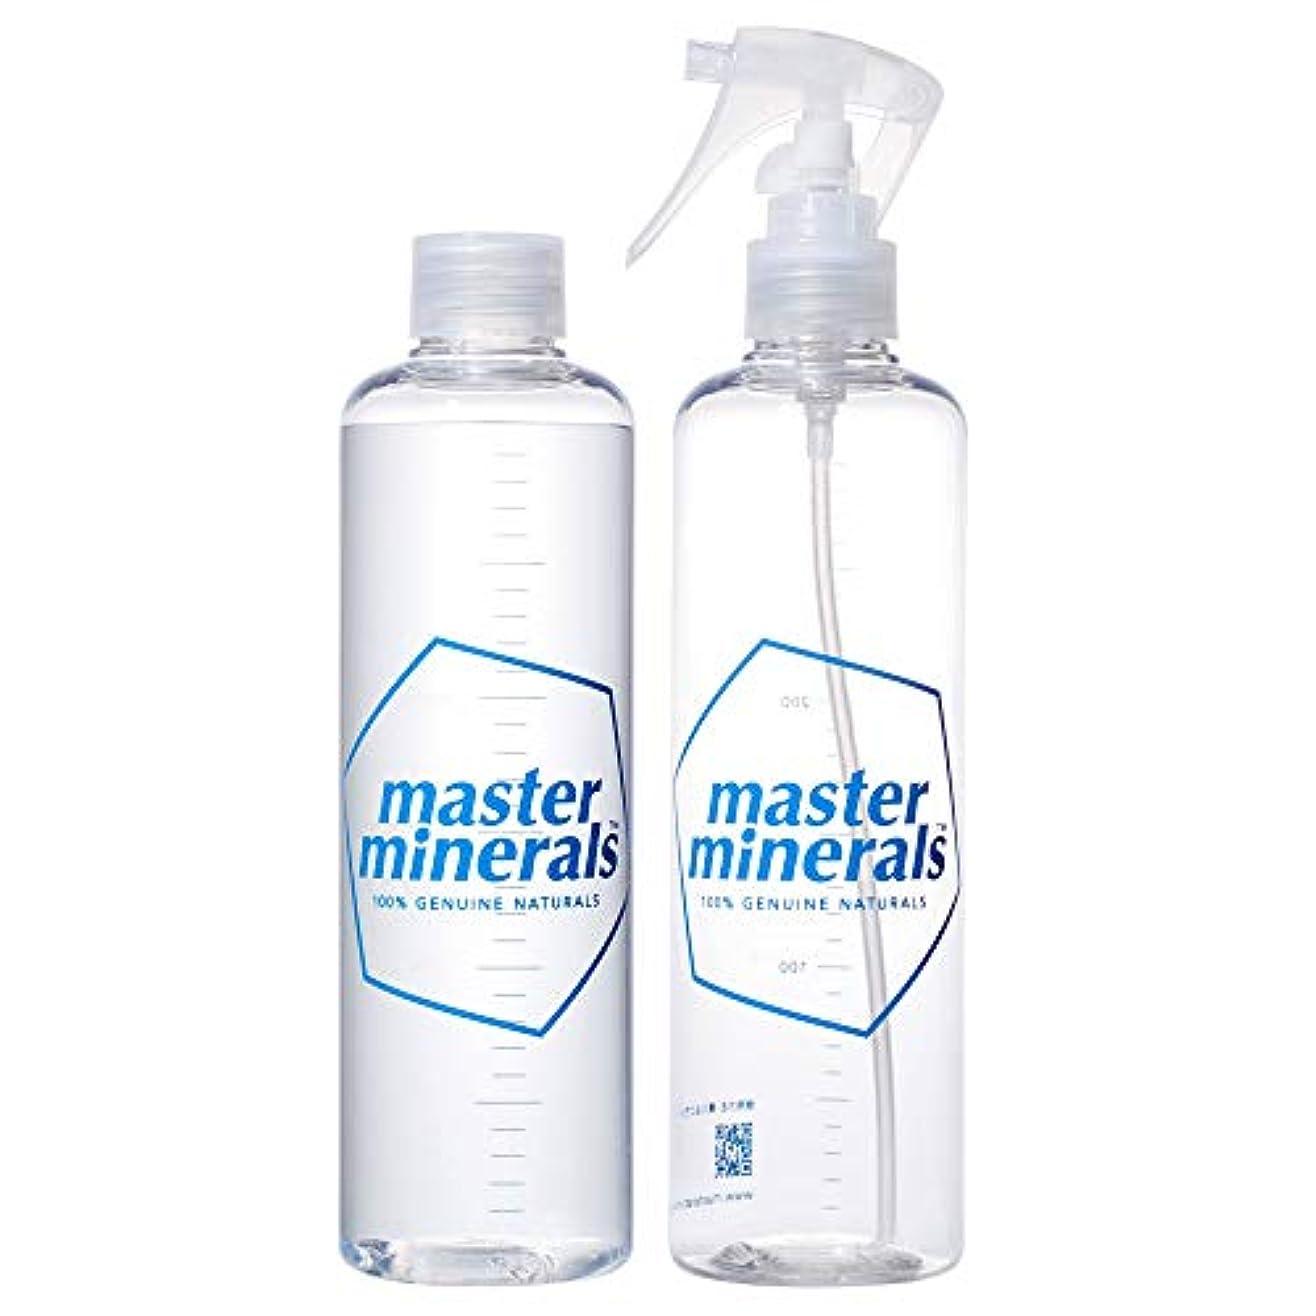 タンカー不正はげマスターミネラル 洗剤 無添加 無害 100%天然成分 消臭 天然ミネラル (300ml原液+空スプレーボトル)